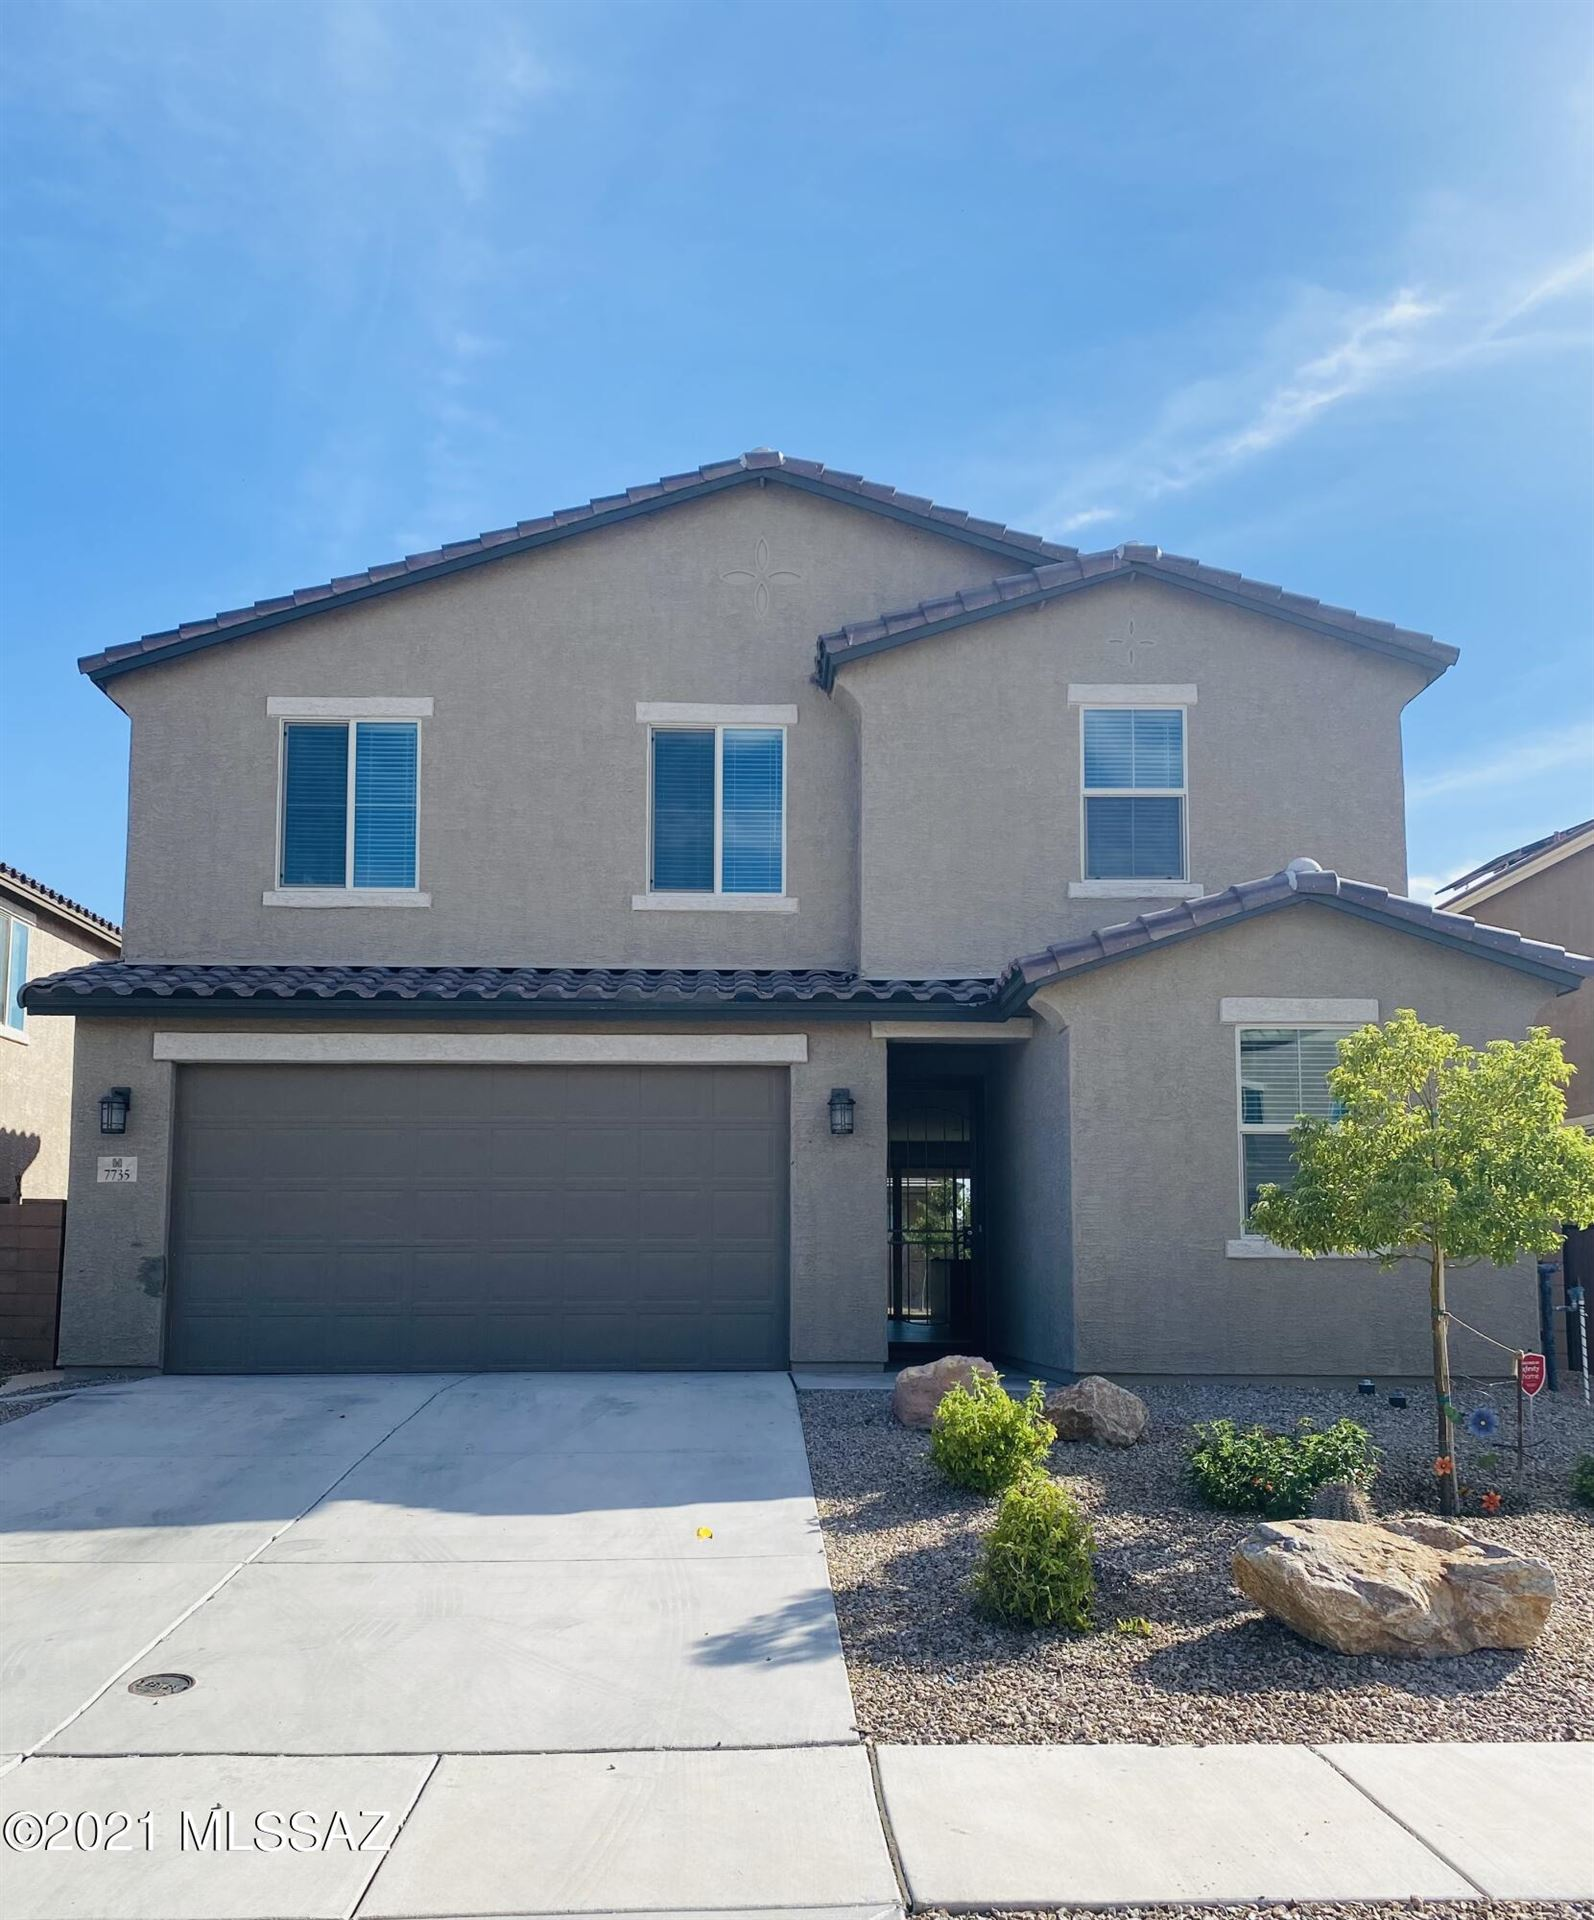 7735 W Valkyrie Way, Tucson, AZ 85757 - MLS#: 22125991